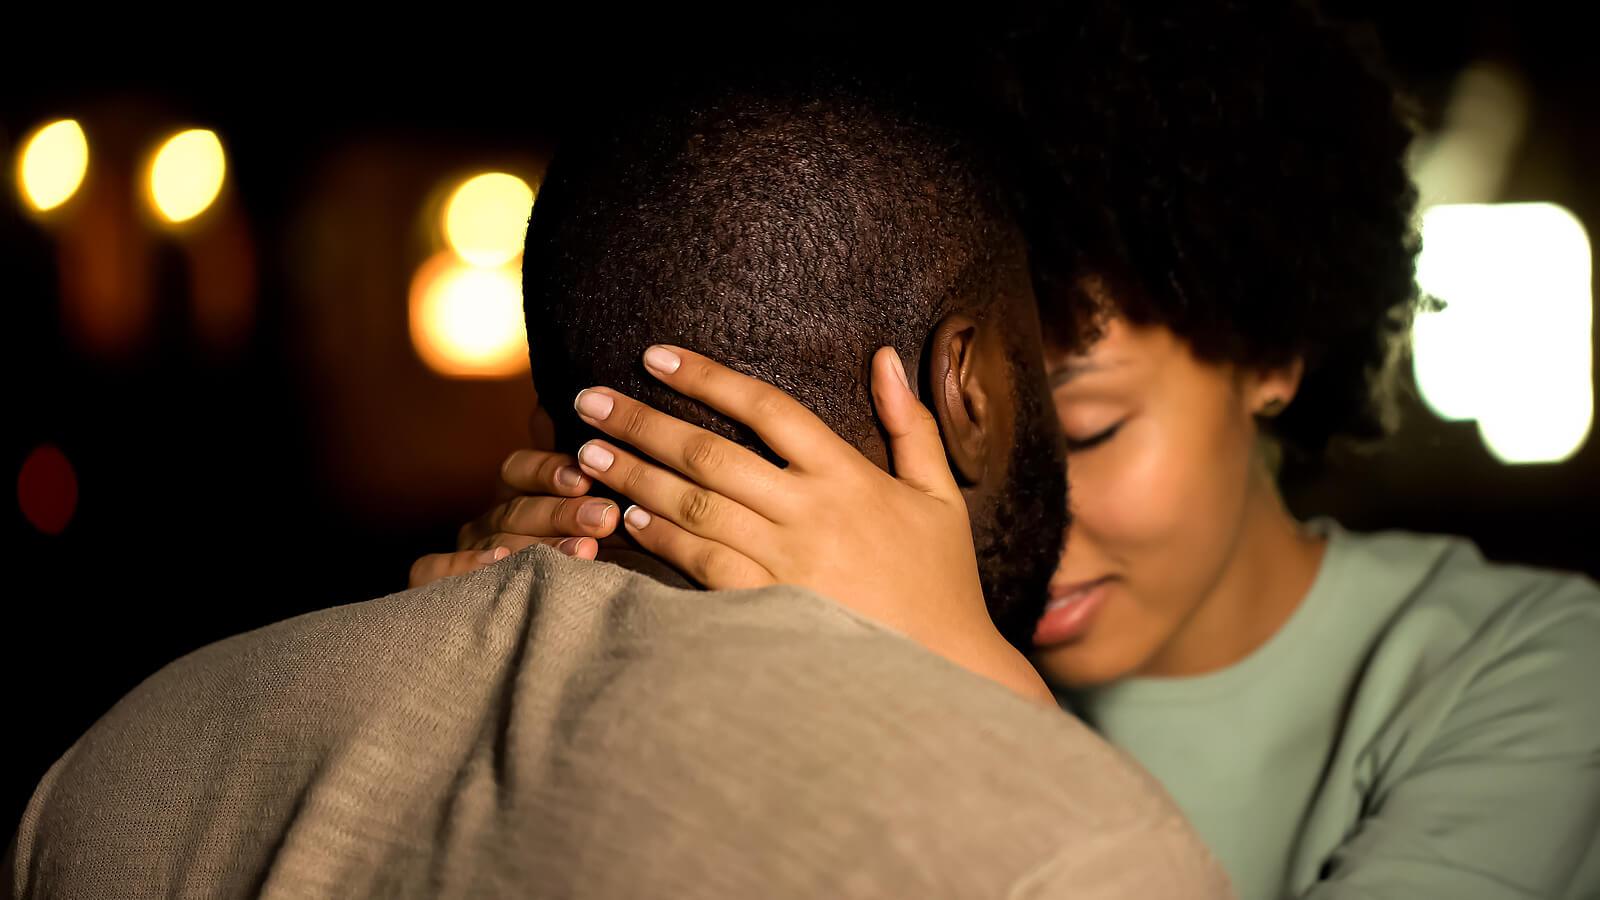 Pareja dándose un beso y un abrazo para intentar recuperar el deseo sexual tras el parto.